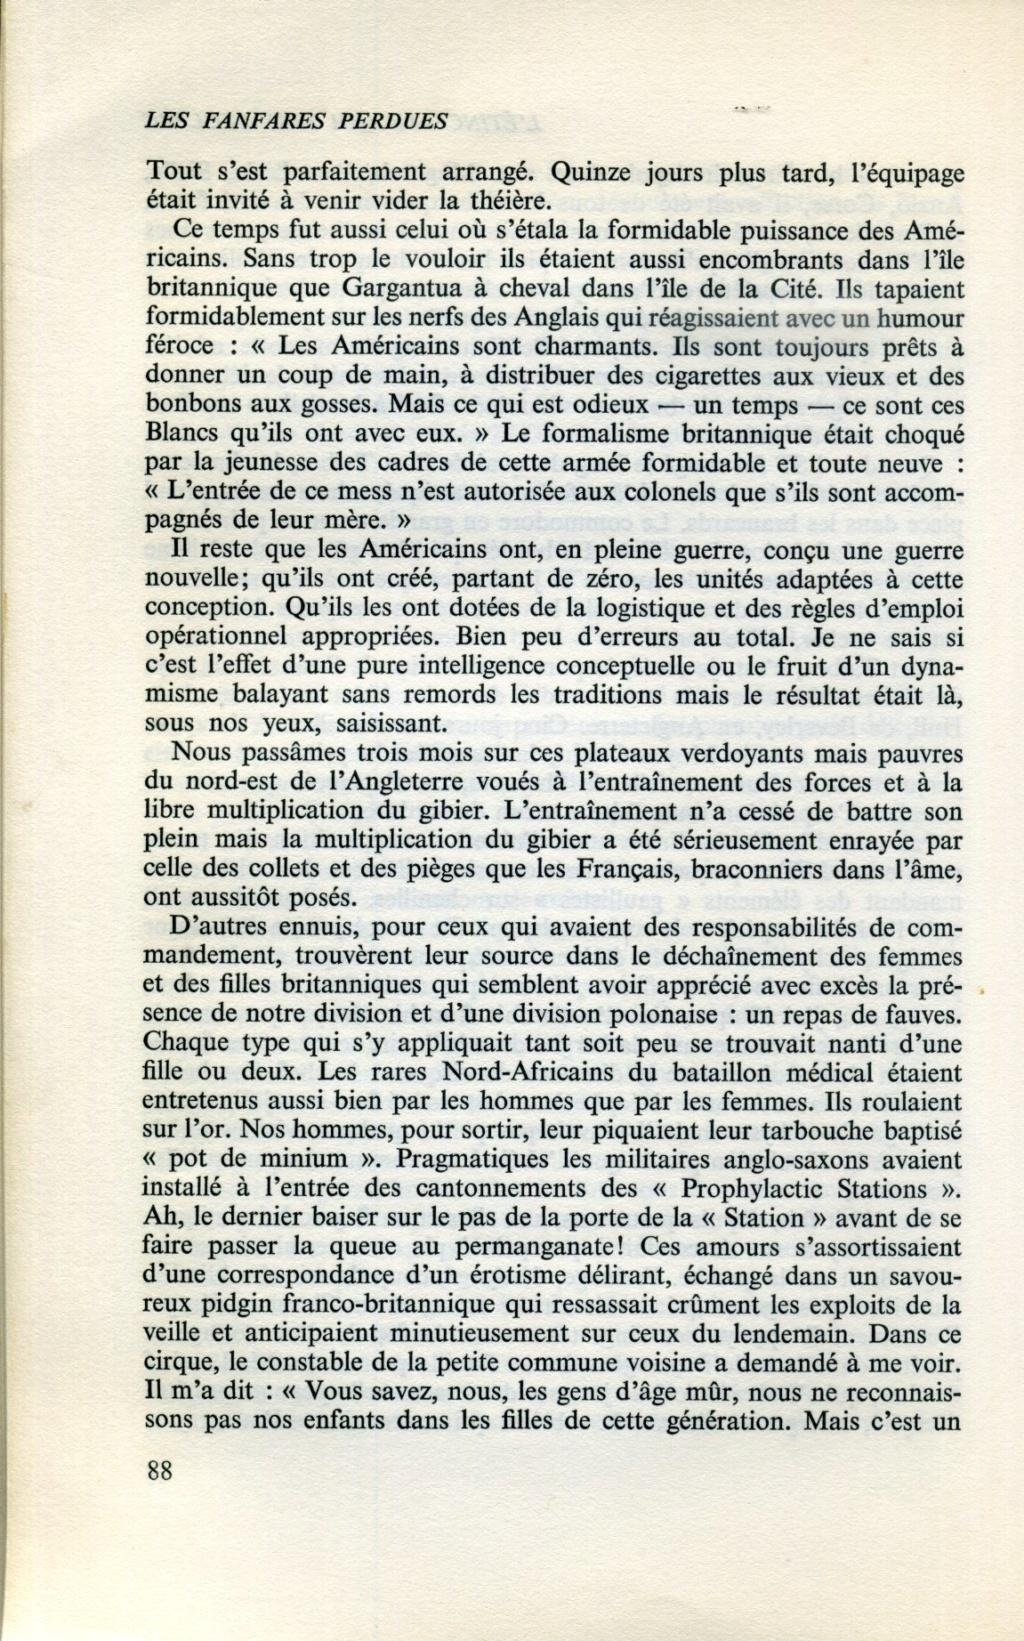 Georges Buis les fanfares perdues Les_fa18